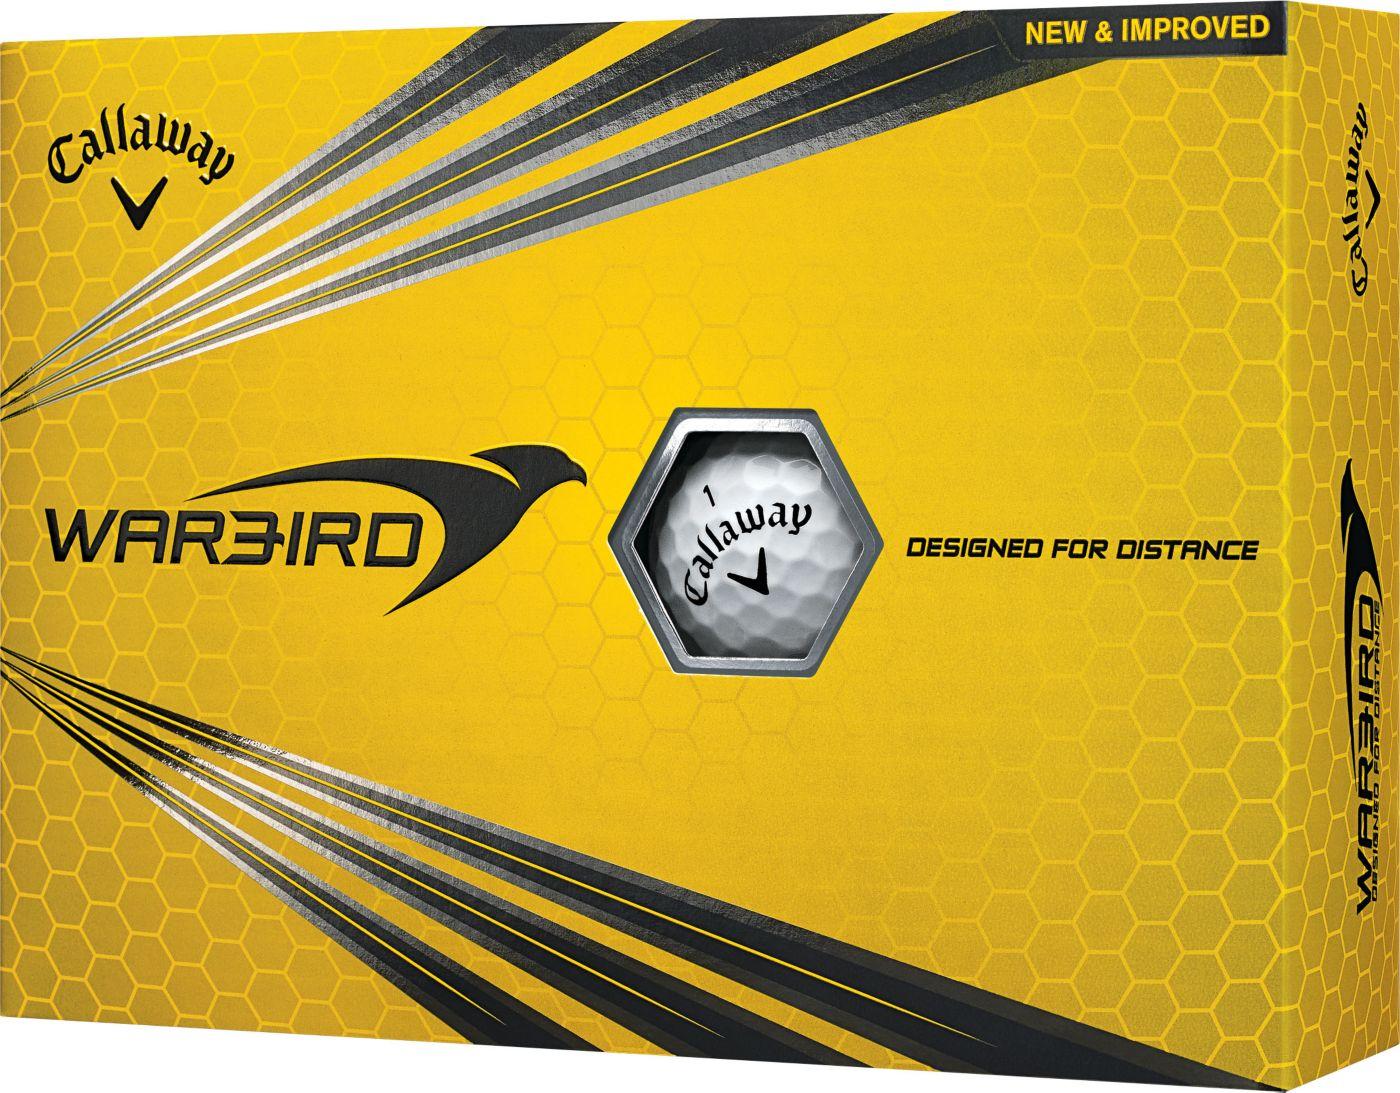 Callaway Warbird Golf Balls - 12 Pack